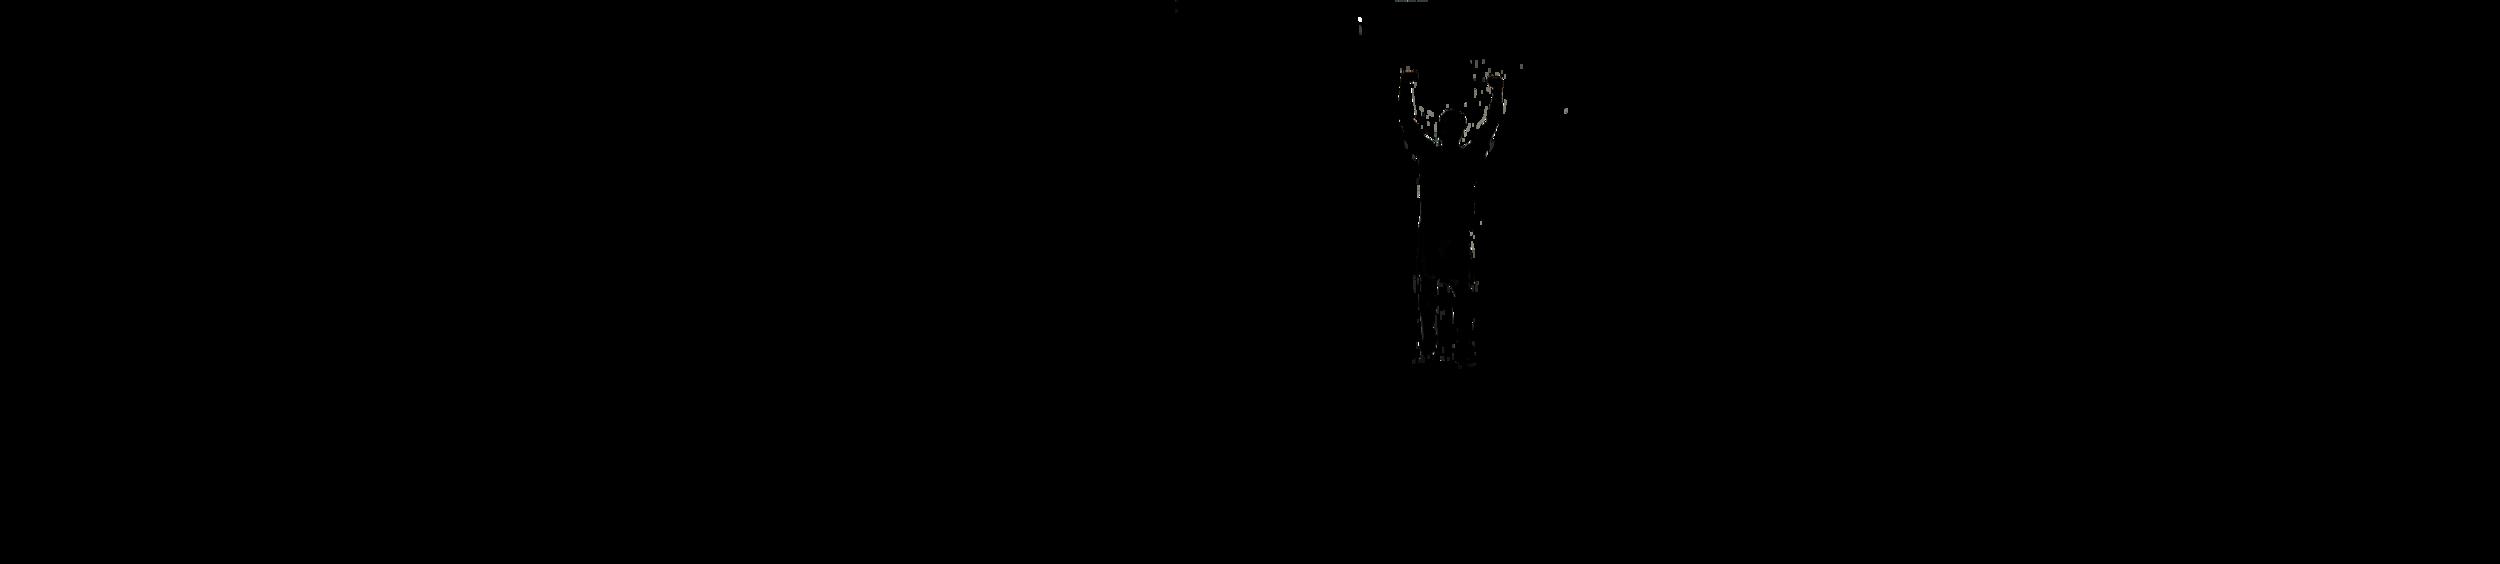 NAD websote logo 2.png